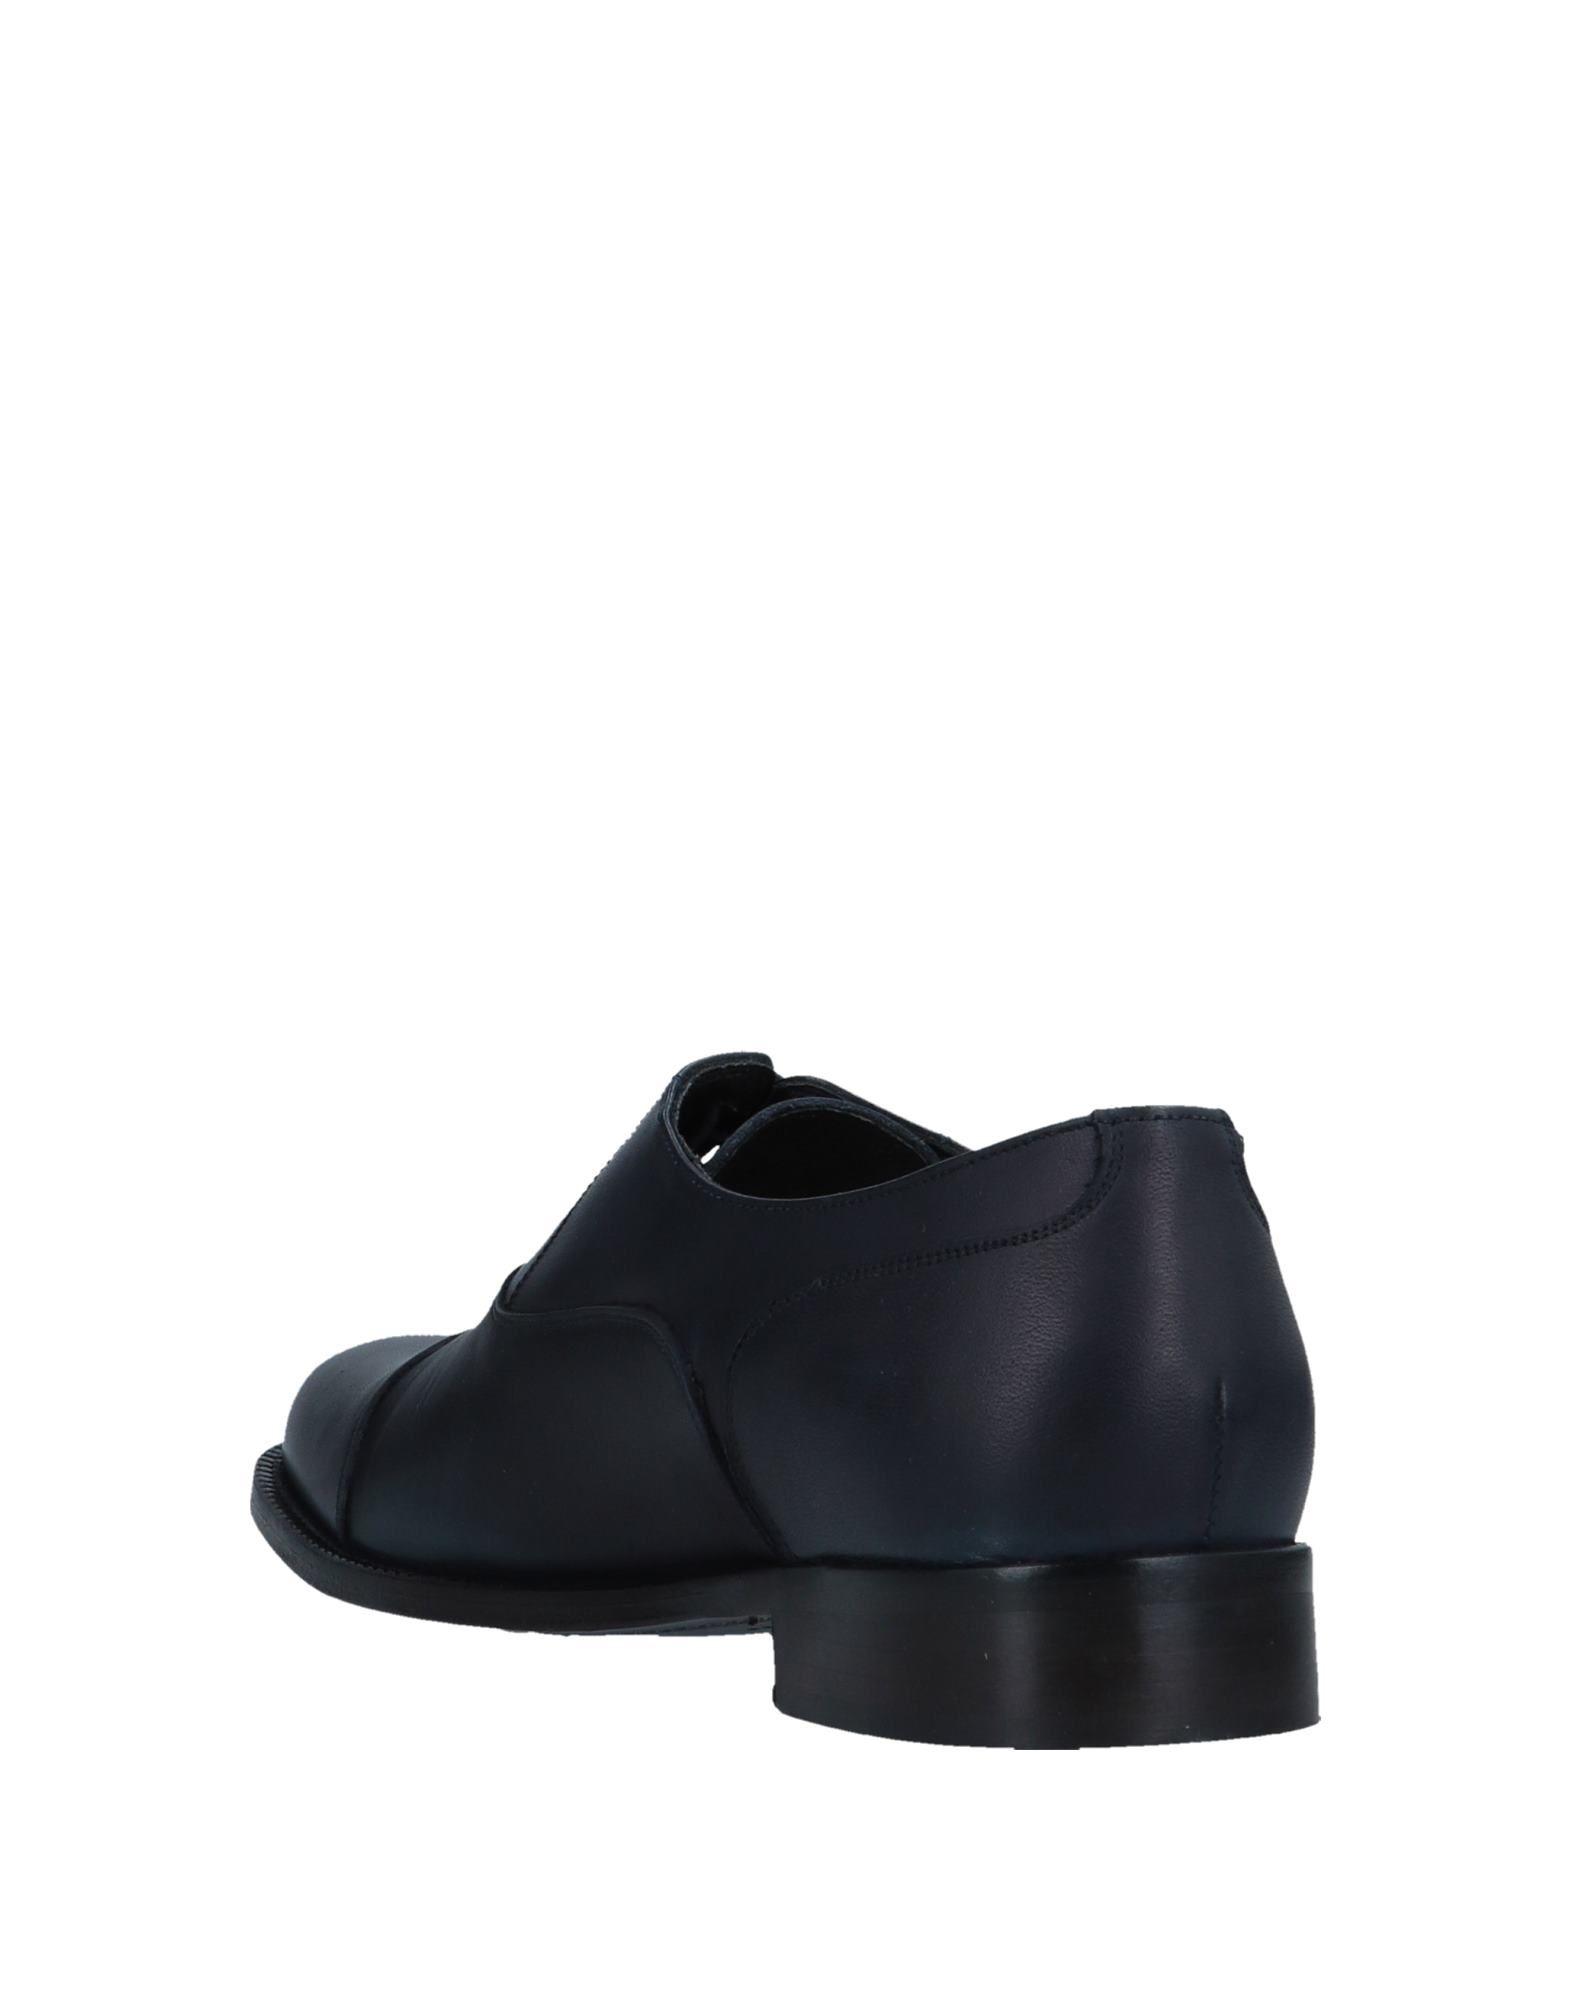 Rabatt echte Schnürschuhe Schuhe Daniele Alessandrini Schnürschuhe echte Herren  11556690XK 5bc806